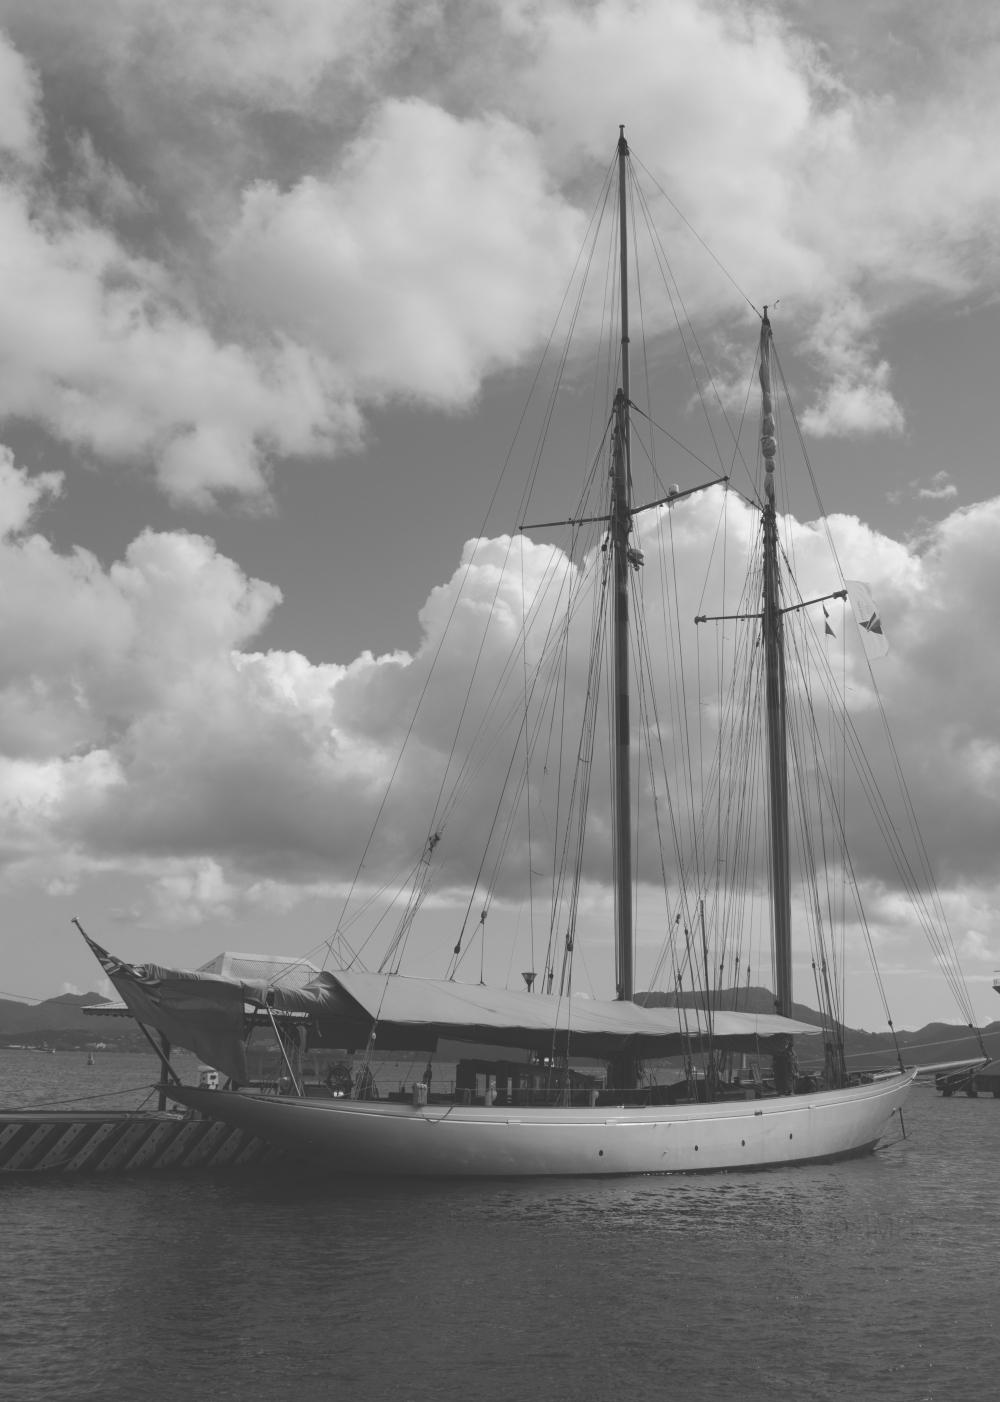 Martiniqueboat